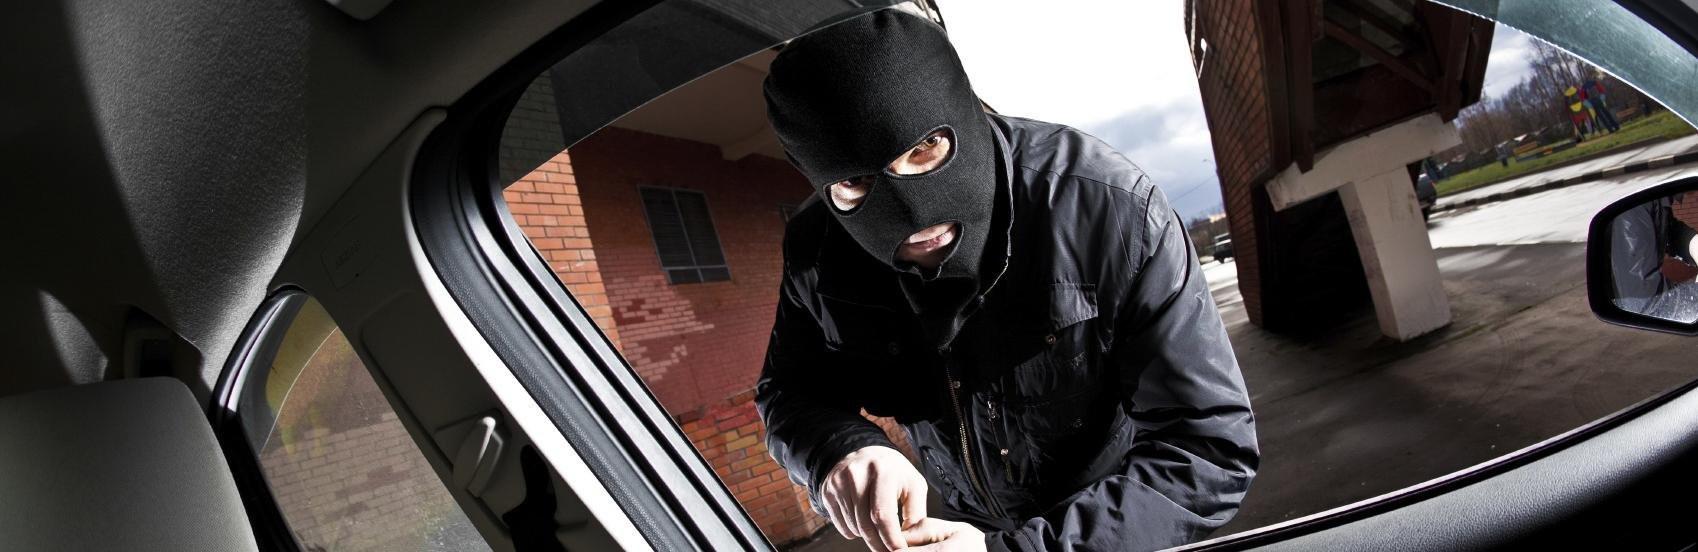 У Луцьку затримали обкрадача авто